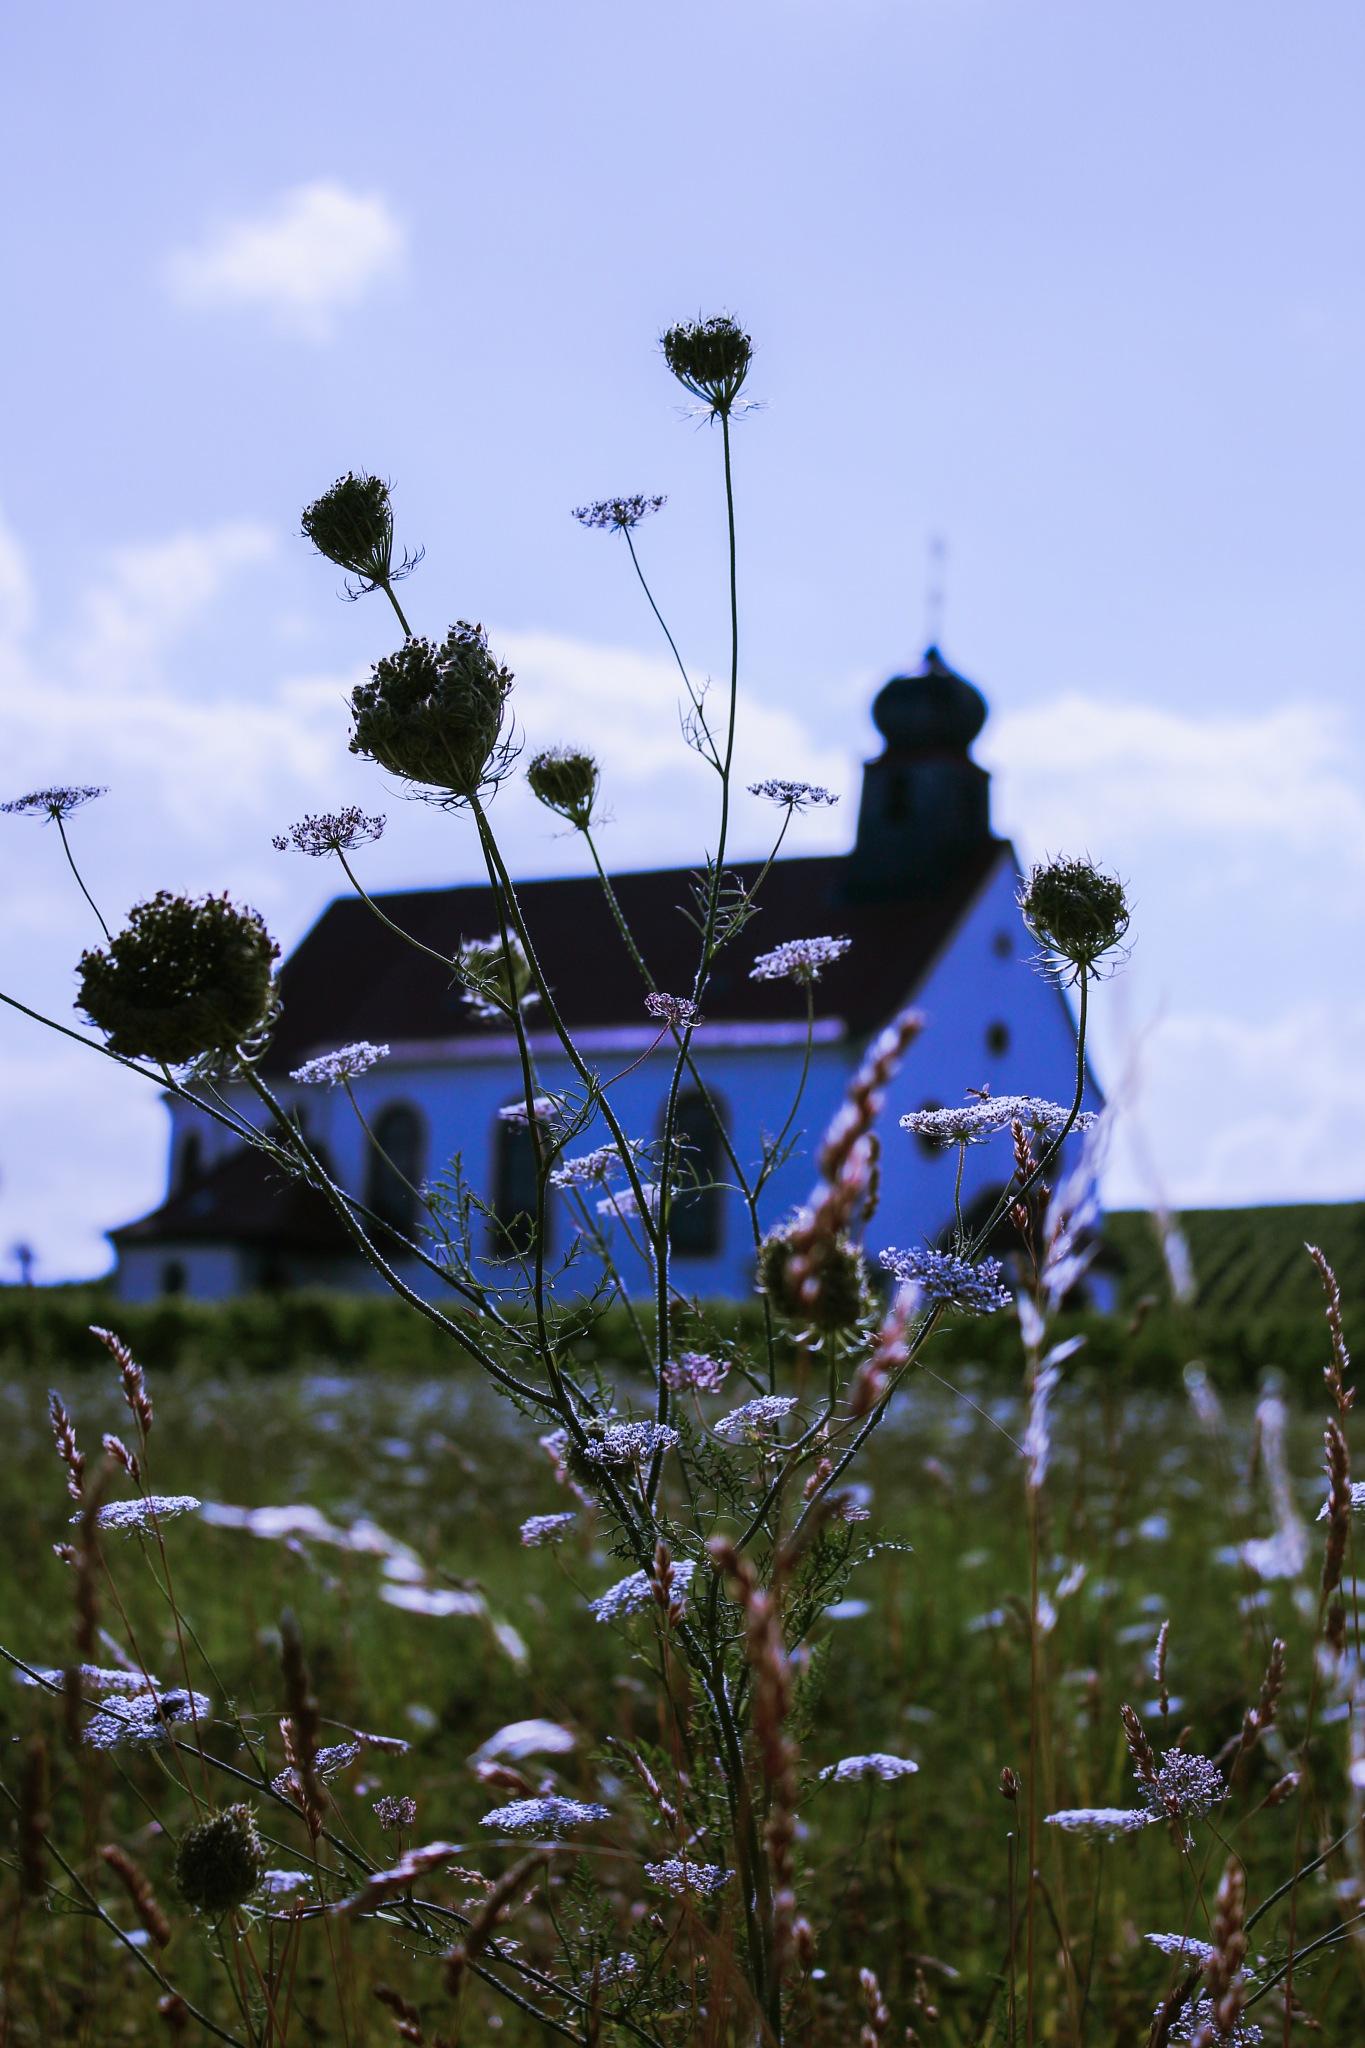 Summer 3 by Hillenbach Kerstin